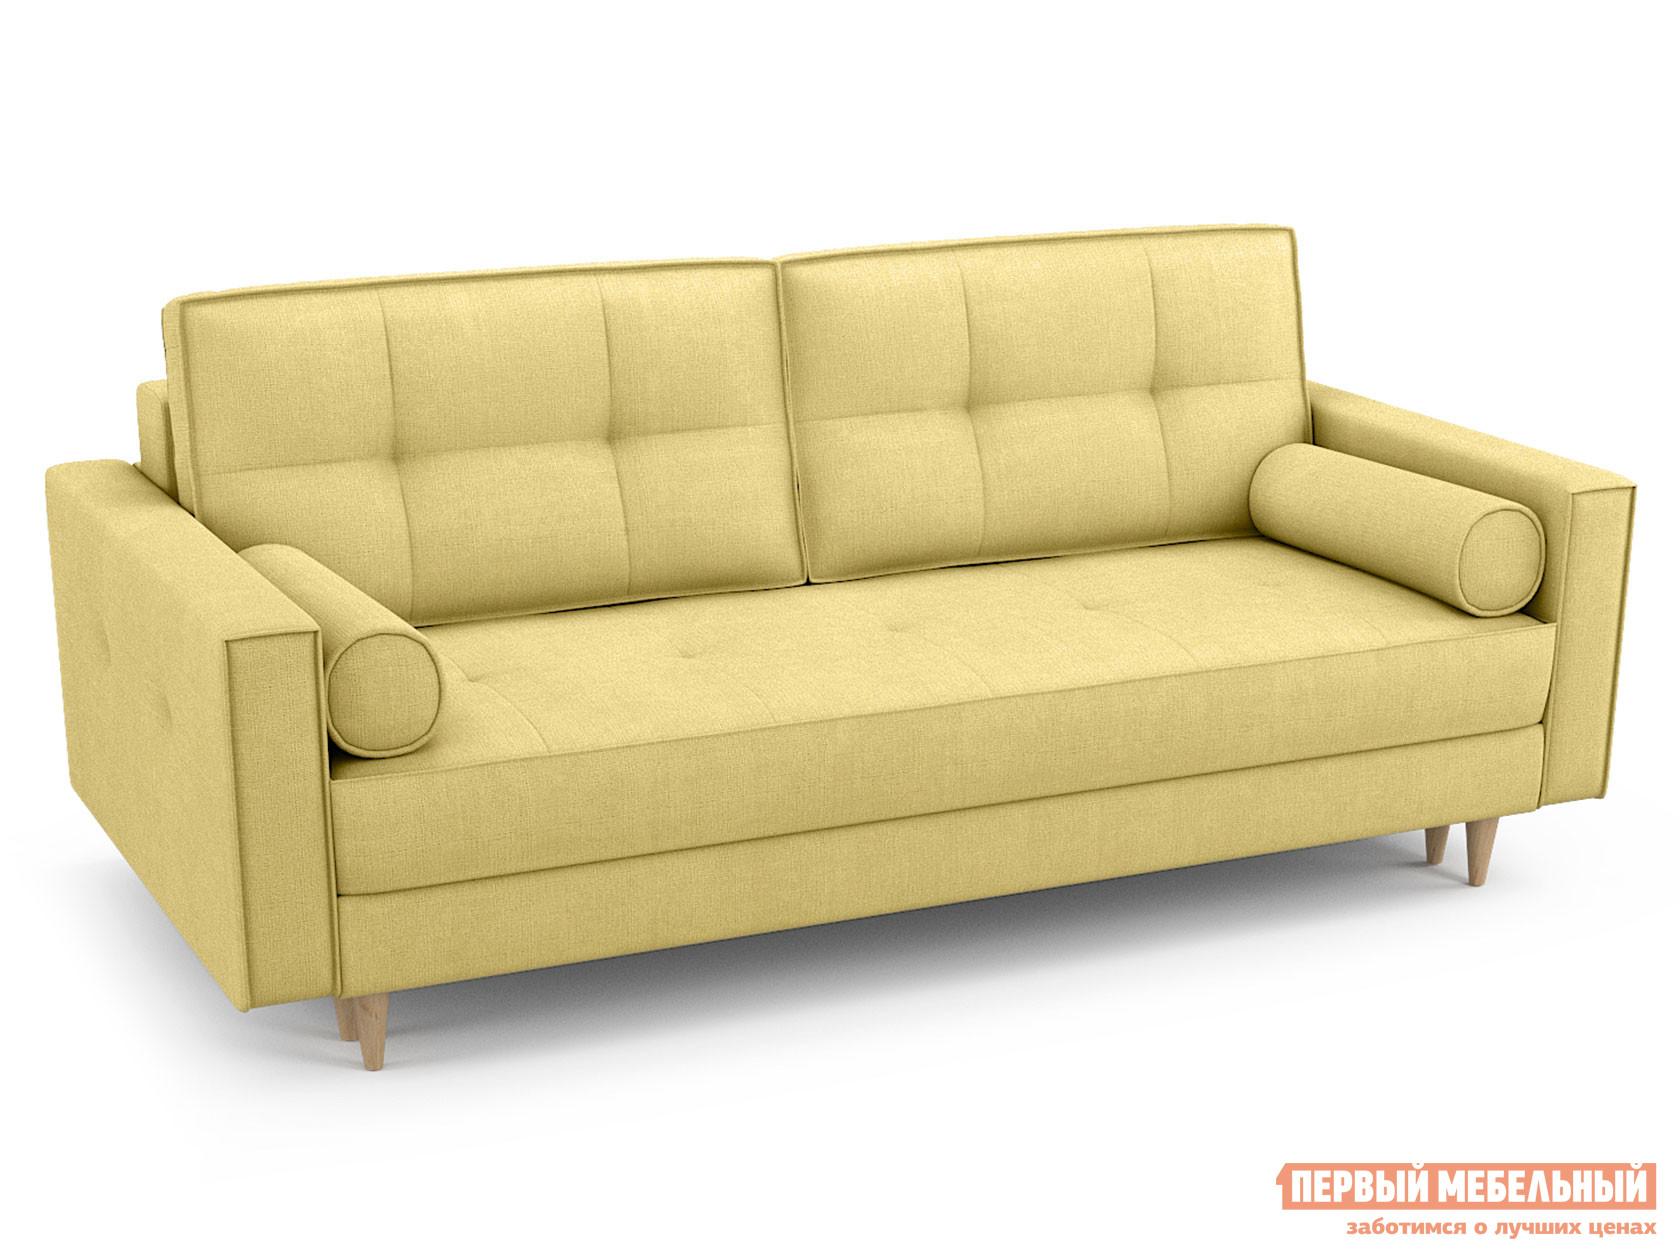 Прямой диван Первый Мебельный Прямой диван Остин